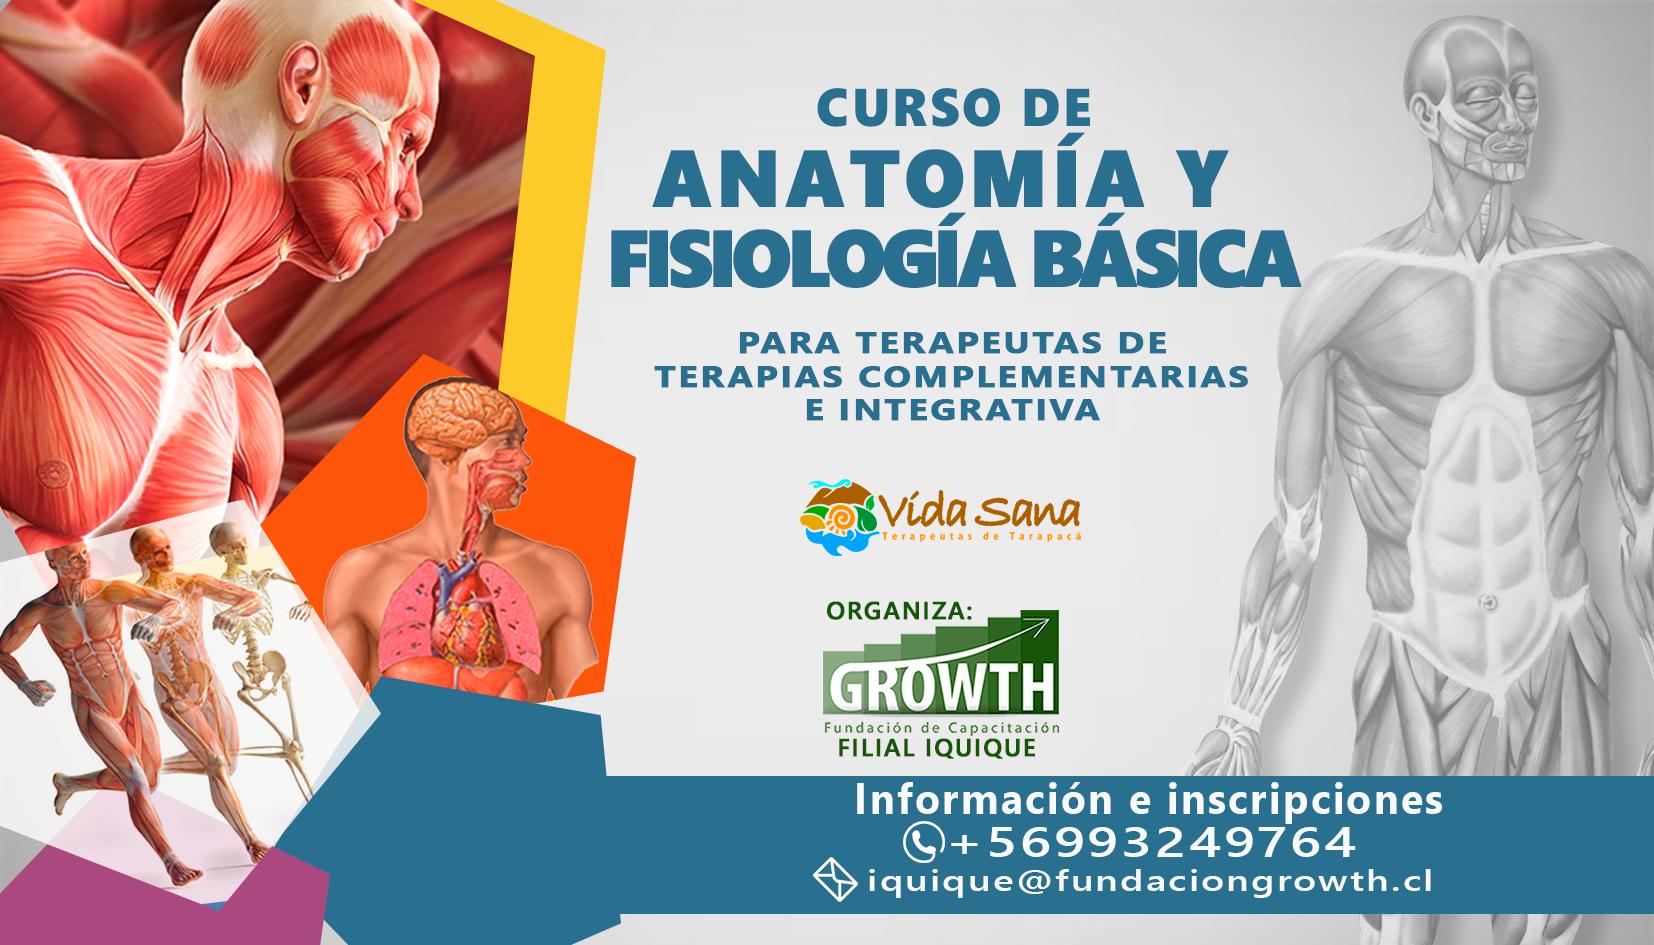 CURSO DE ANATOMÍA Y FISIOLOGÍA BÁSICA PARA TERAPEUTAS - Terapeutas ...